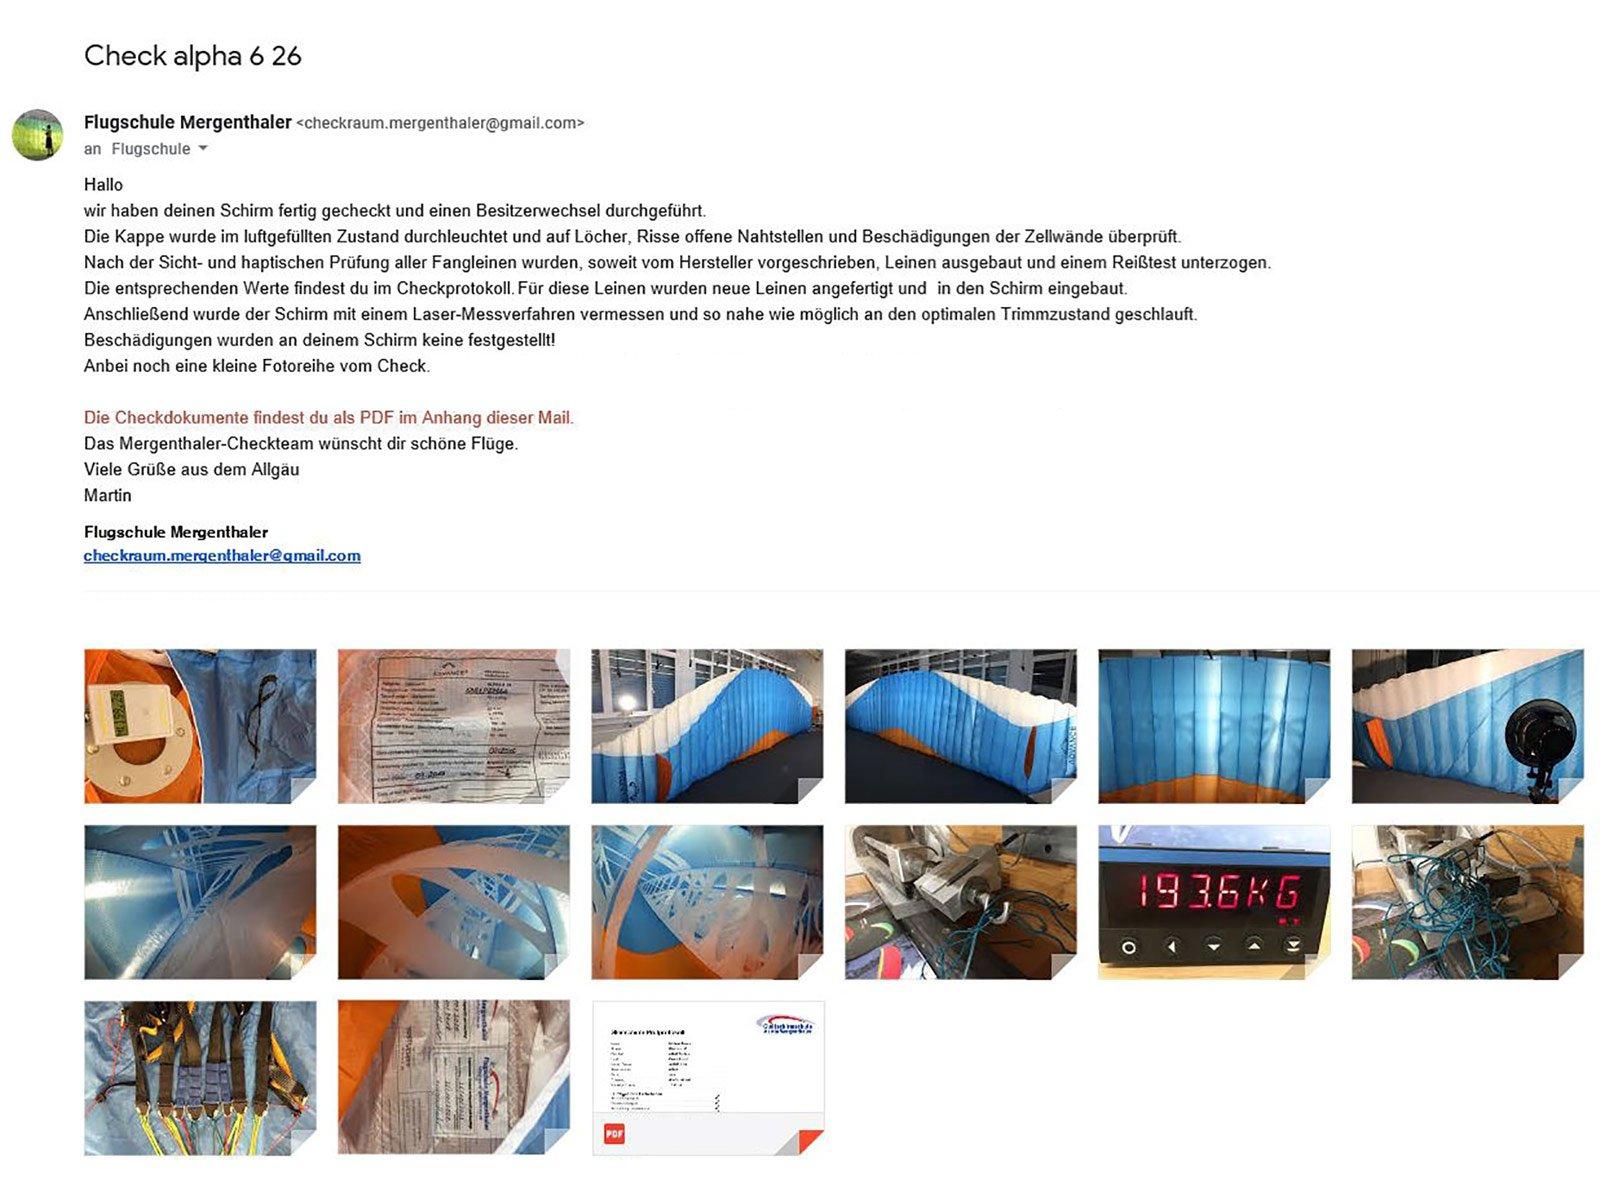 Check Alpha 6 Info und Fotodokumentation Gleitschirmcheck